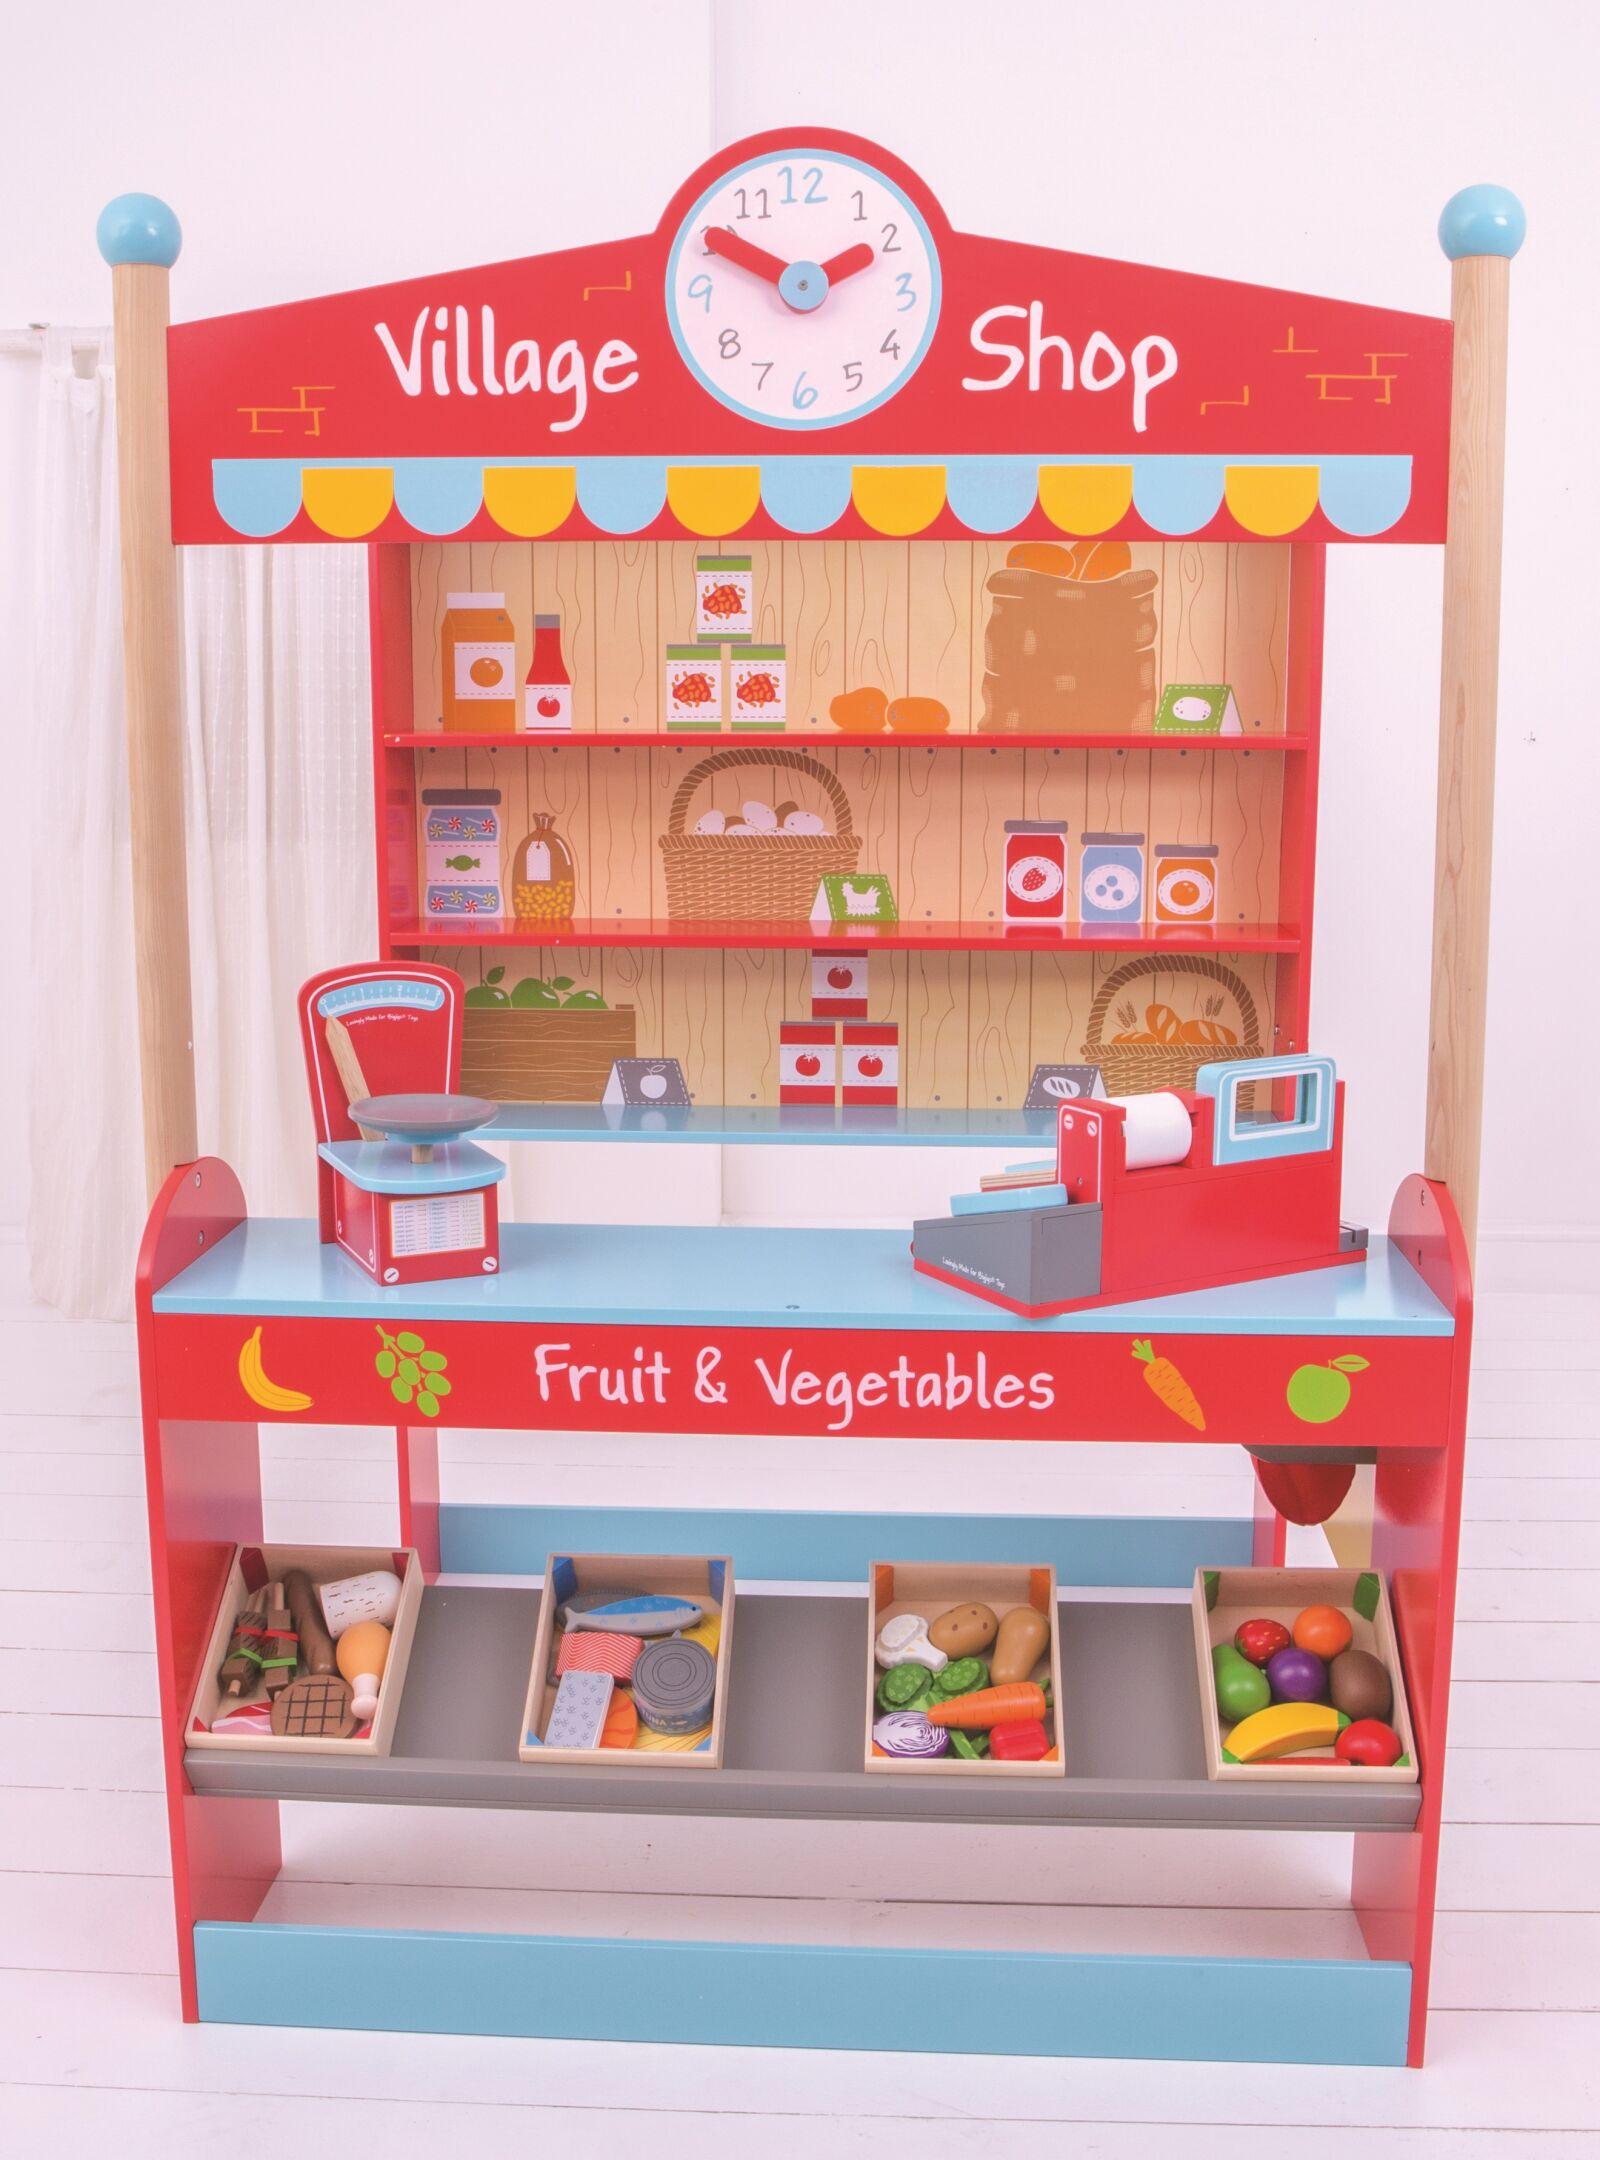 Bigjigs Toys Village detský obchod